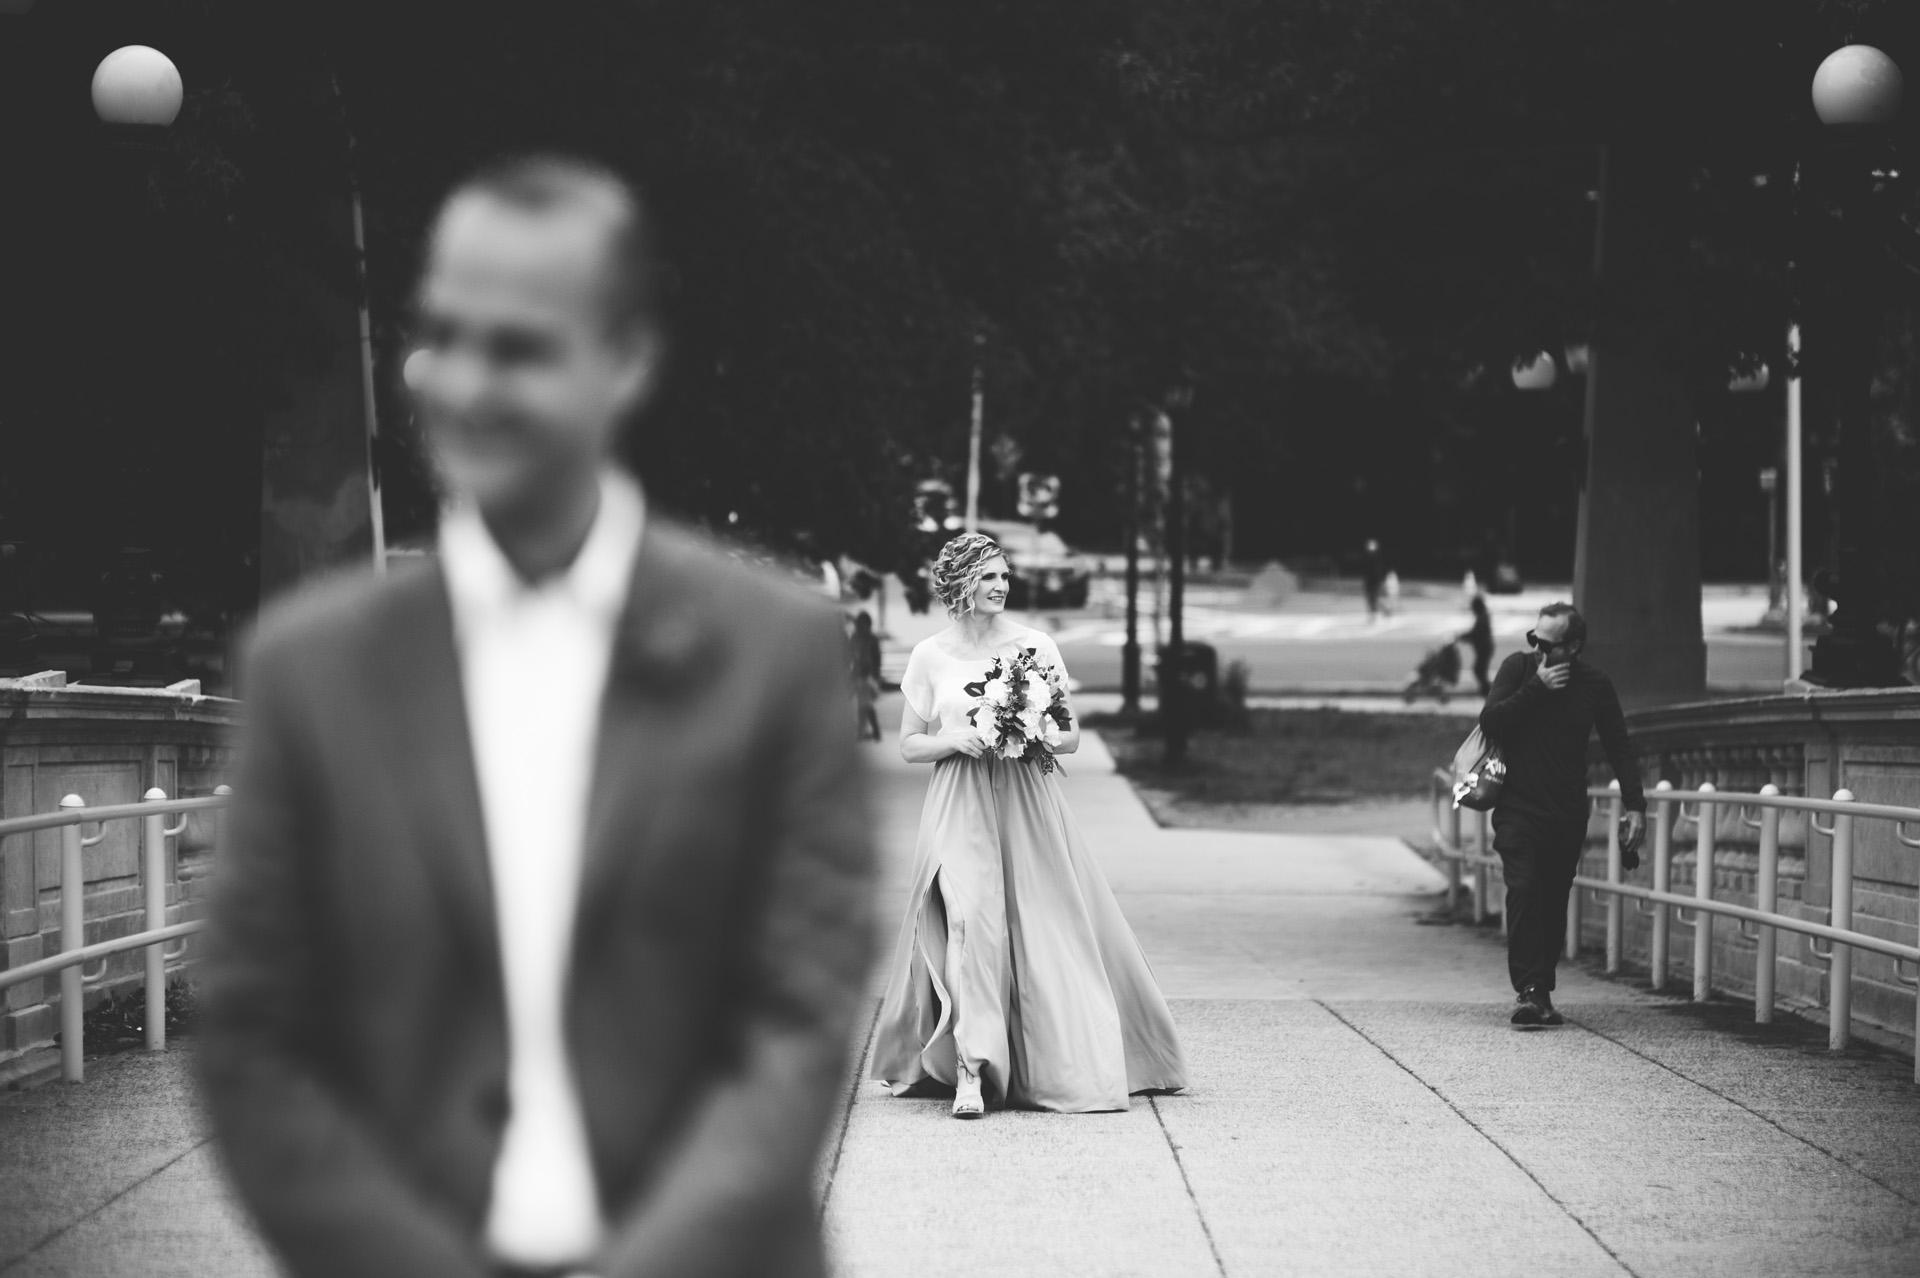 alden-harlow-wedding-photographer-17